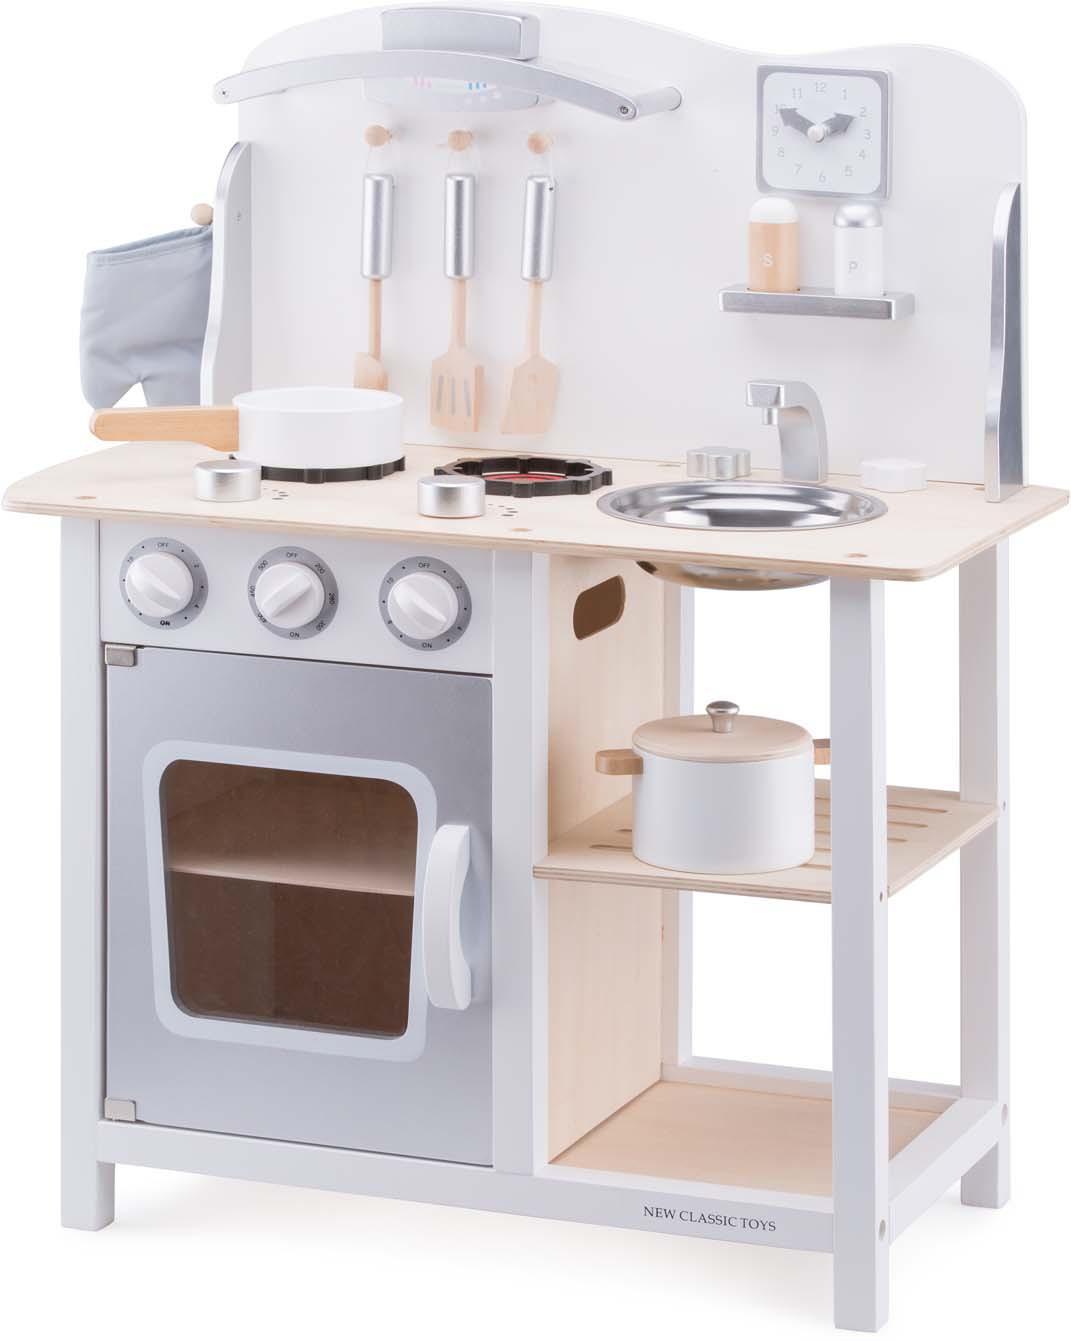 """Игровой набор New Classic Toys """"Кухня"""", 11053"""